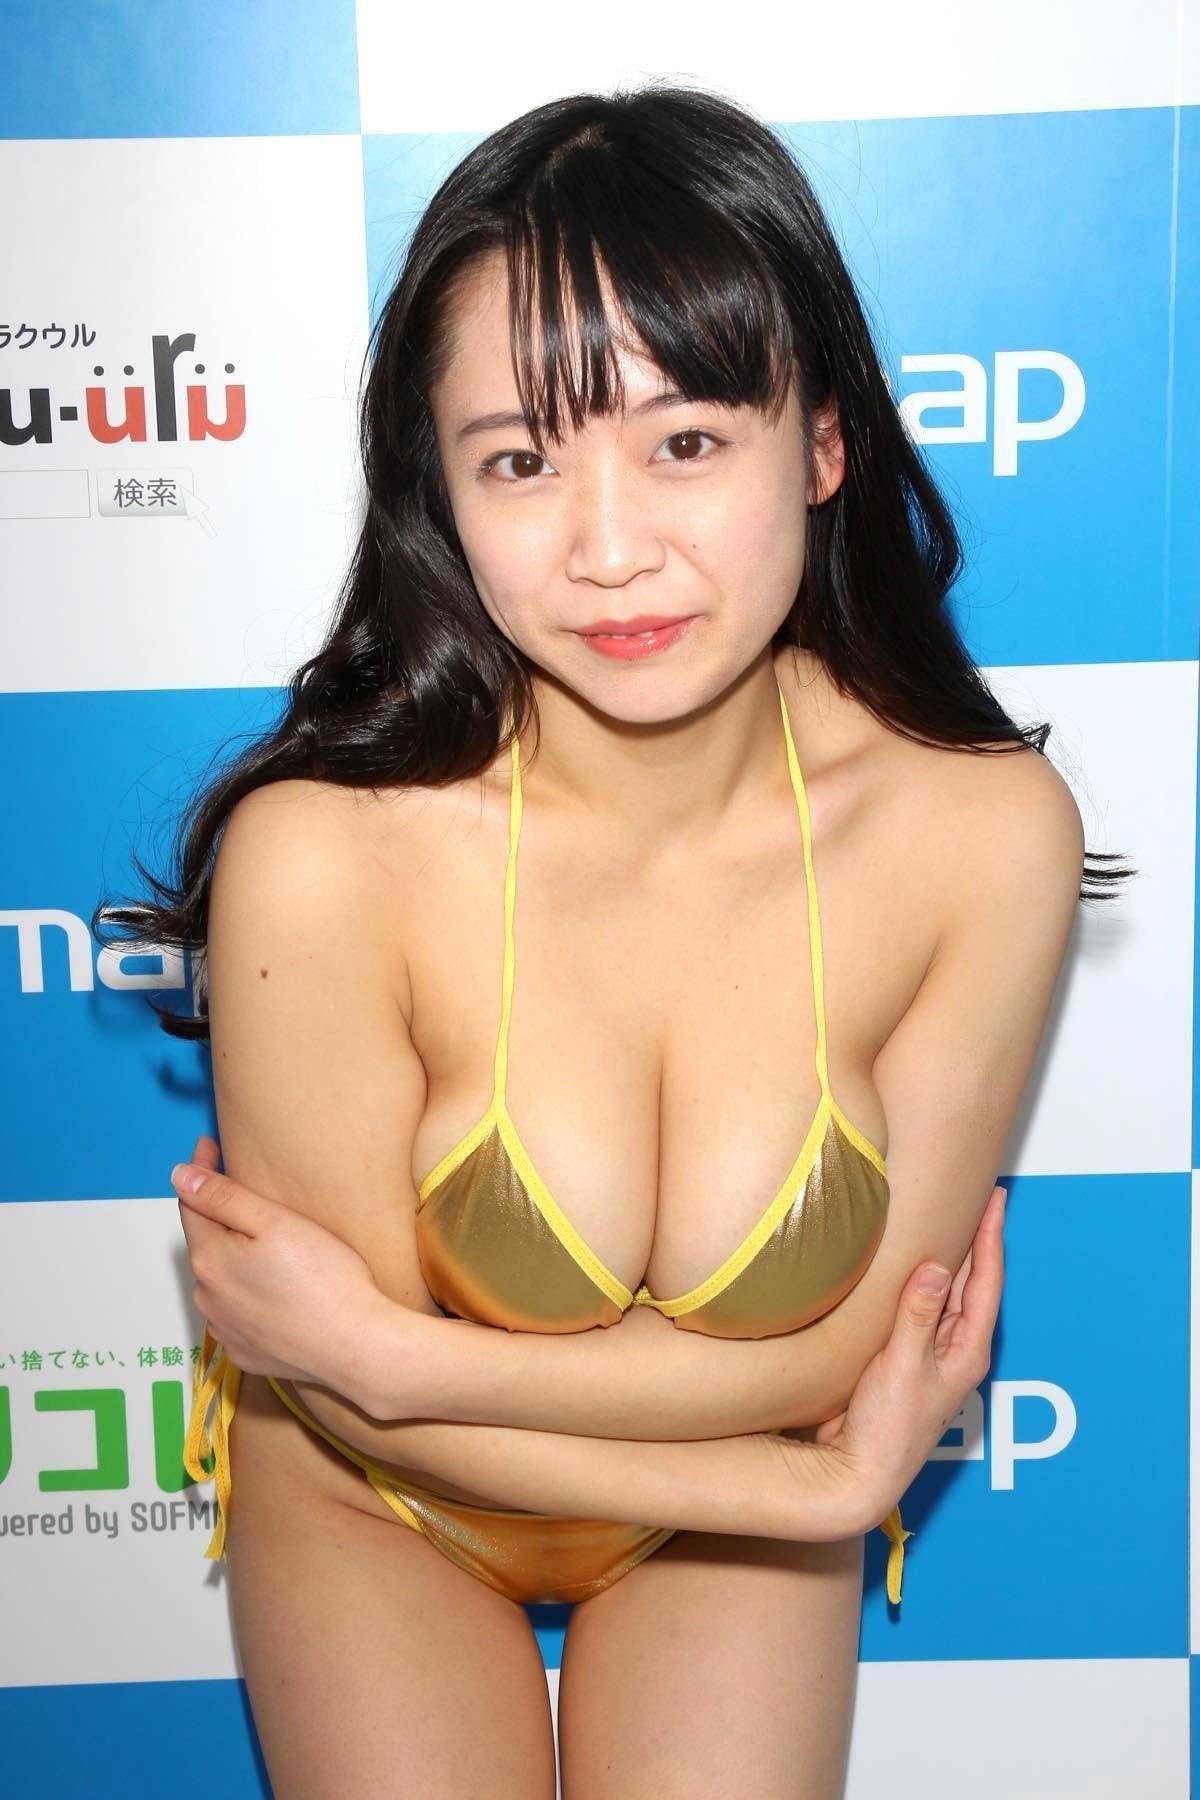 ゆうみのグラビア水着ビキニ画像0022